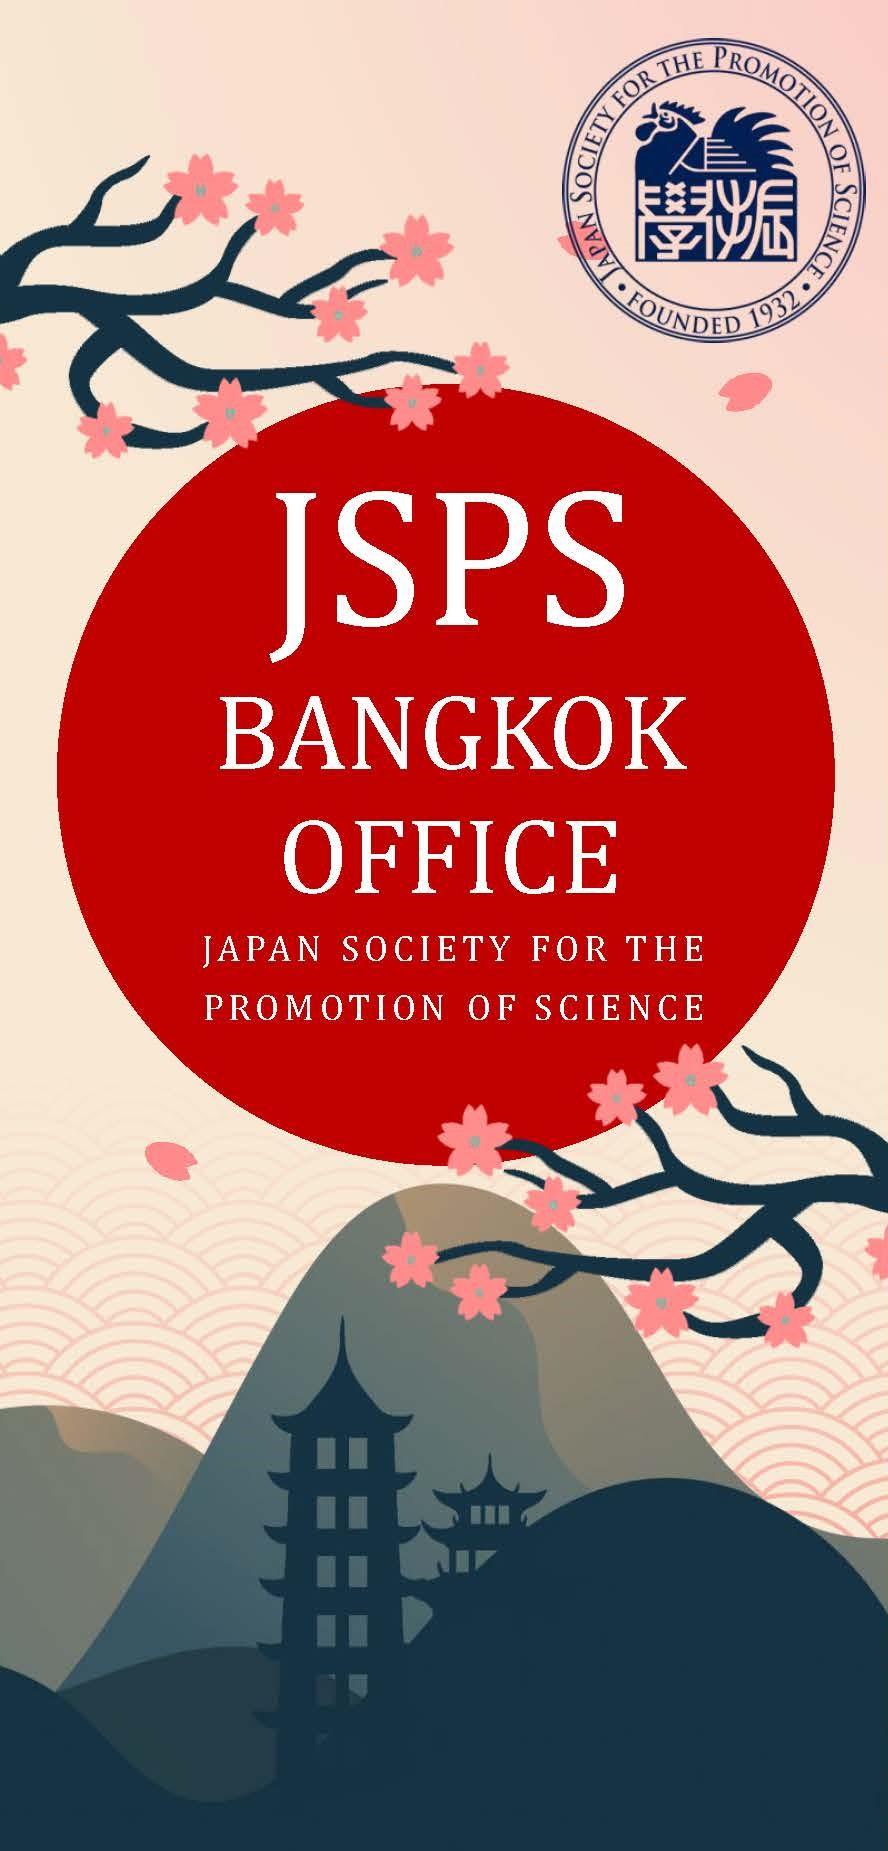 JSPSバンコク研究連絡センターの案内(英文)